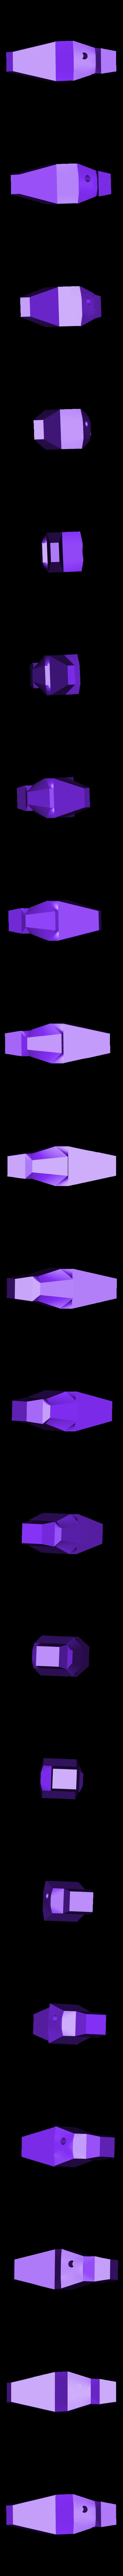 Rangefinder_1.stl Télécharger fichier STL gratuit Capitaine Rex Casque Phase 2 (Star Wars) • Plan imprimable en 3D, VillainousPropShop